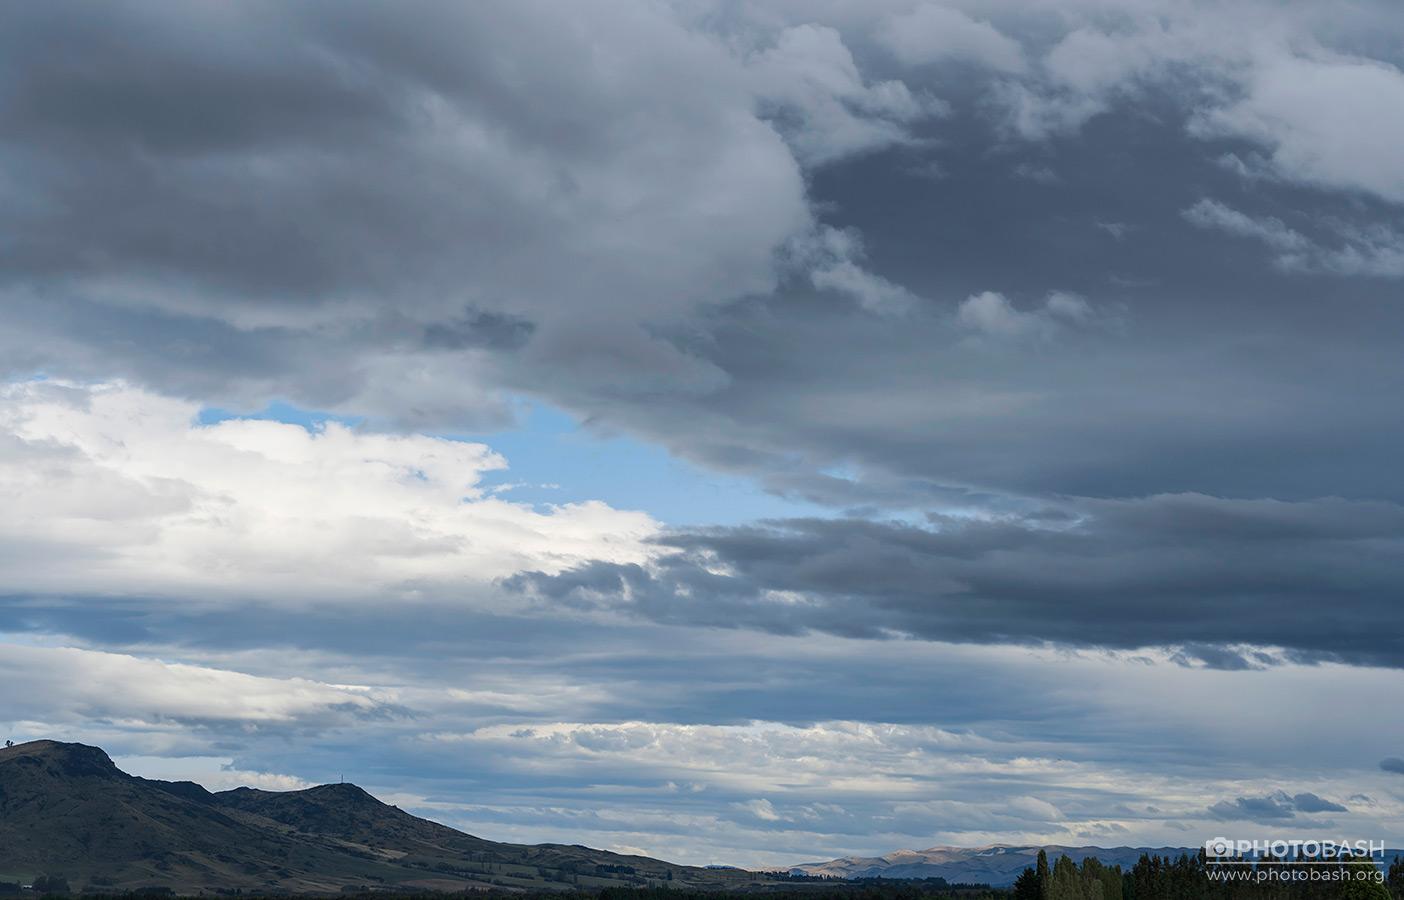 Blue-Skies-Stormy-Clouds.jpg